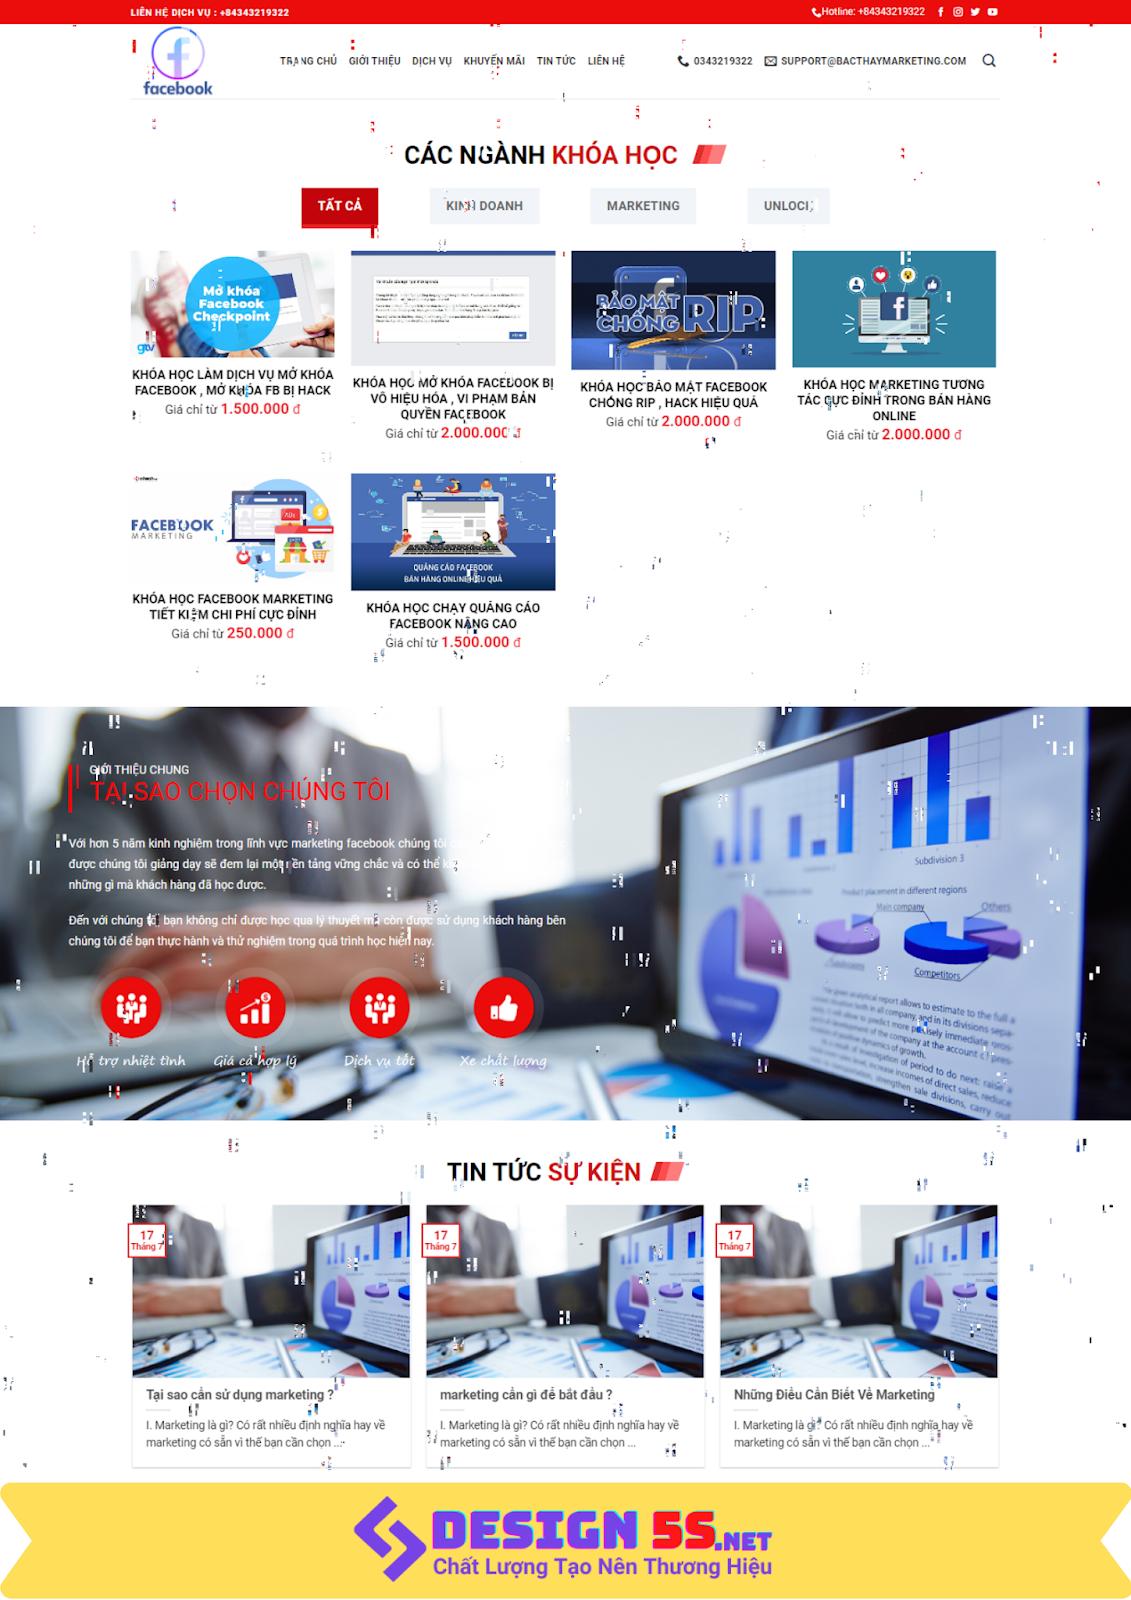 Mẫu website bán khóa học online chuyên nghiếp chuẩn google - Ảnh 1